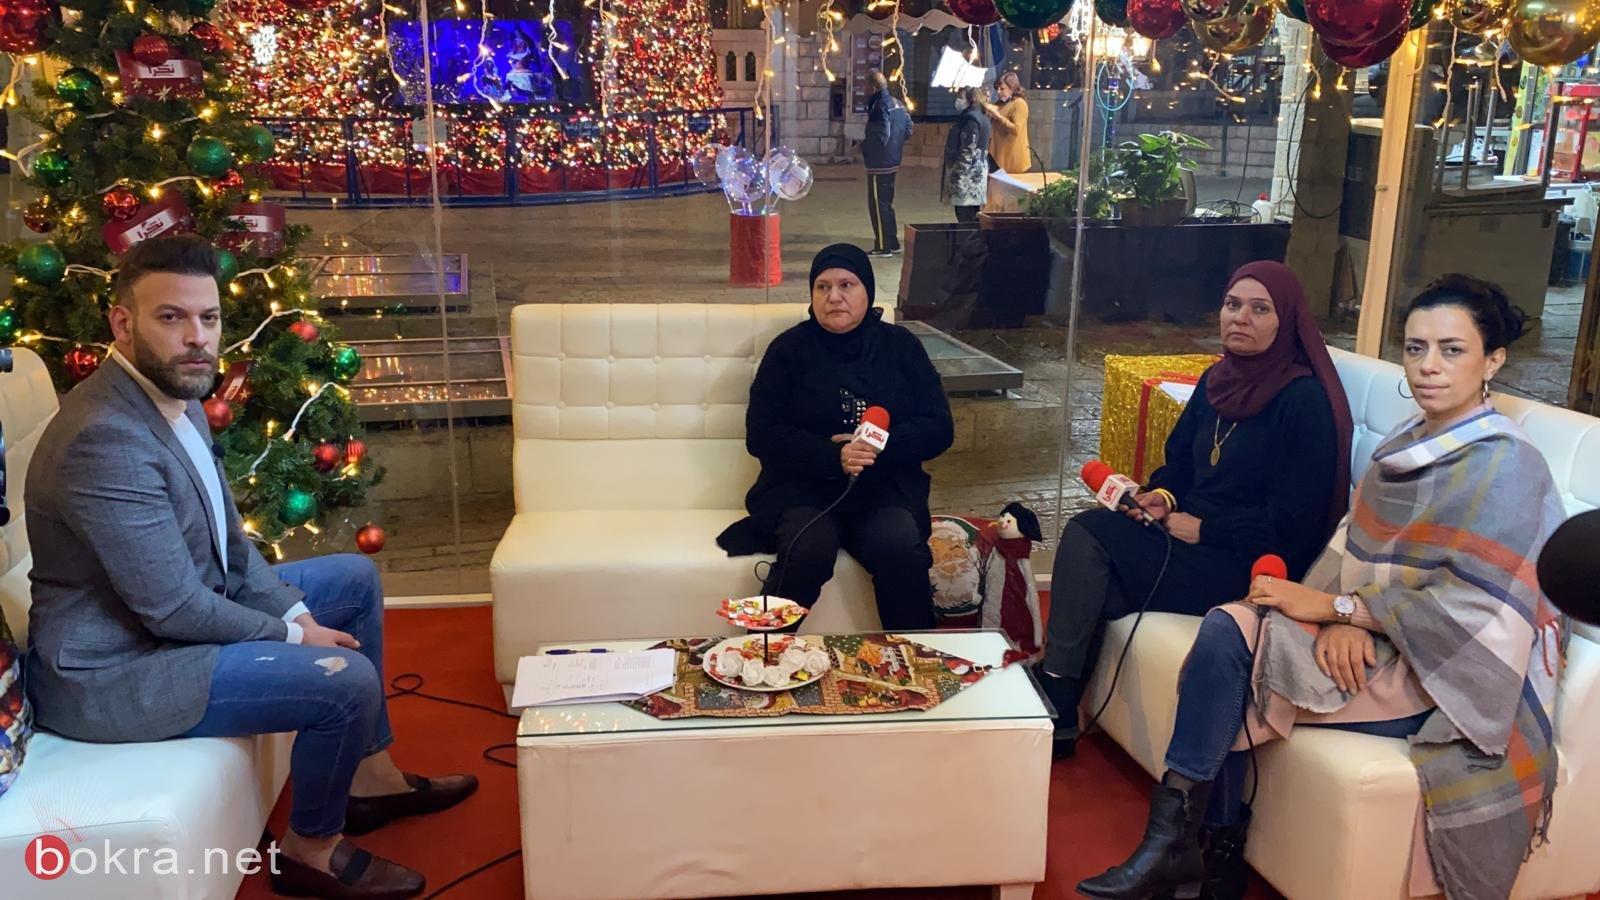 """اليوم اختتام فعاليات ستوديو كريسماس بكرا""""، مقابلات حصرية وخاصة-0"""